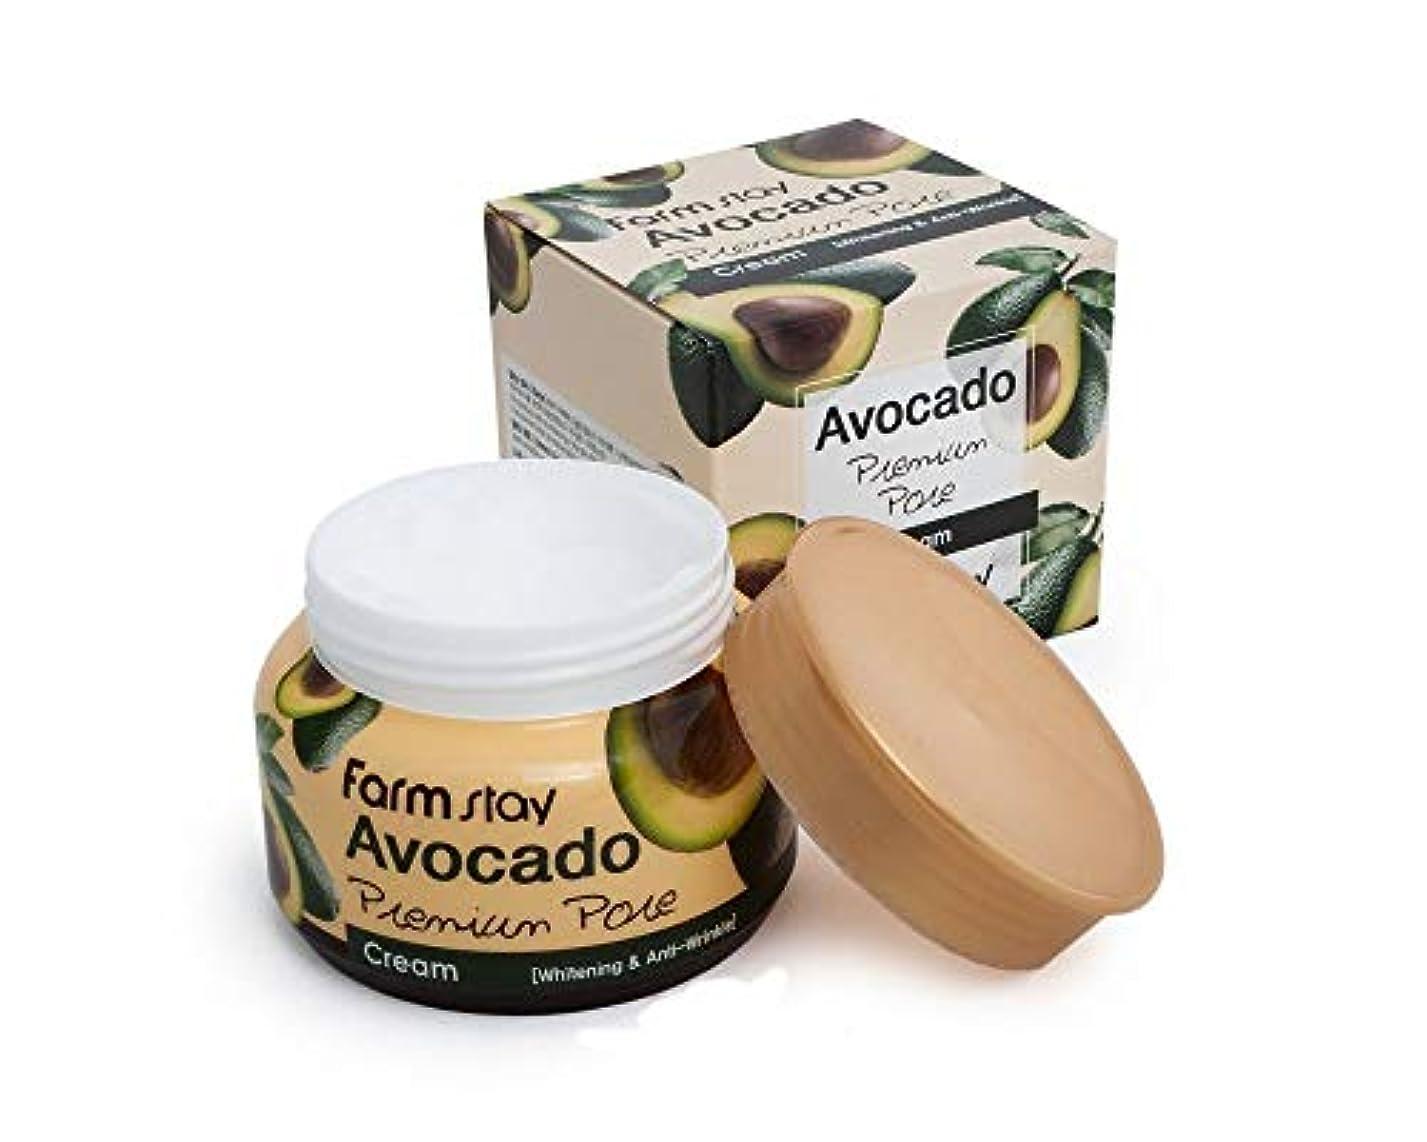 膨張する金曜日自転車ファームステイ[Farm Stay] アボカドプレミアムポアクリーム 100g / Avocado Premium Pore Cream